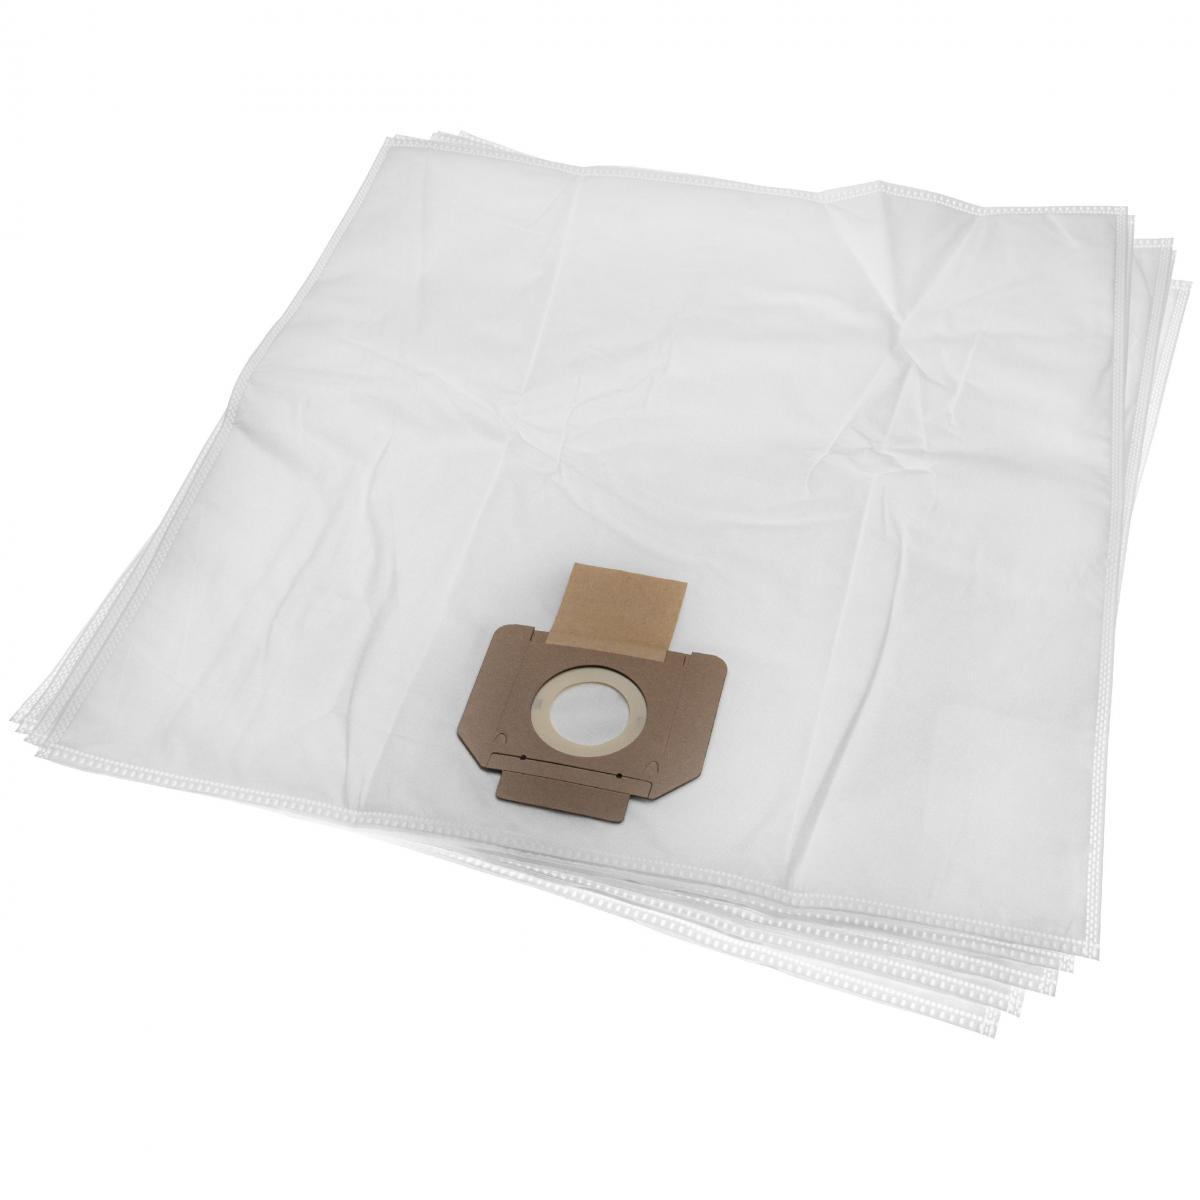 Vhbw vhbw 5 sacs micro fibres non tissées remplace Nilfisk 302004004 pour aspirateur 64cm x 58cm